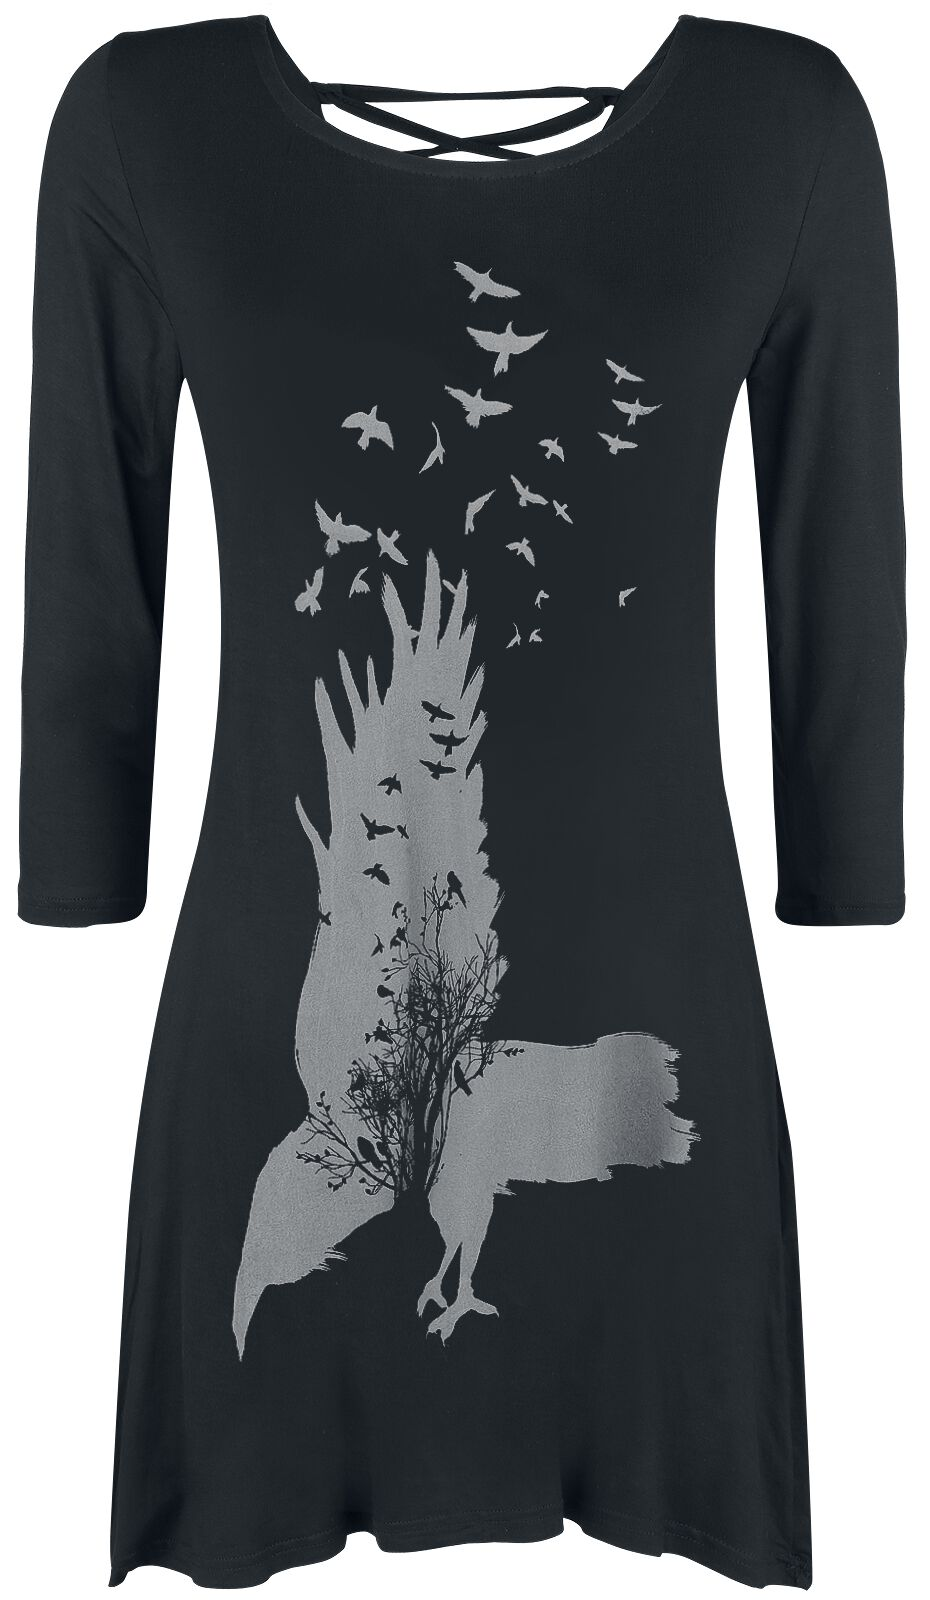 Marki - Longsleeve - Longsleeve damski Innocent Crow Oak Longsleeve damski czarny - 364444